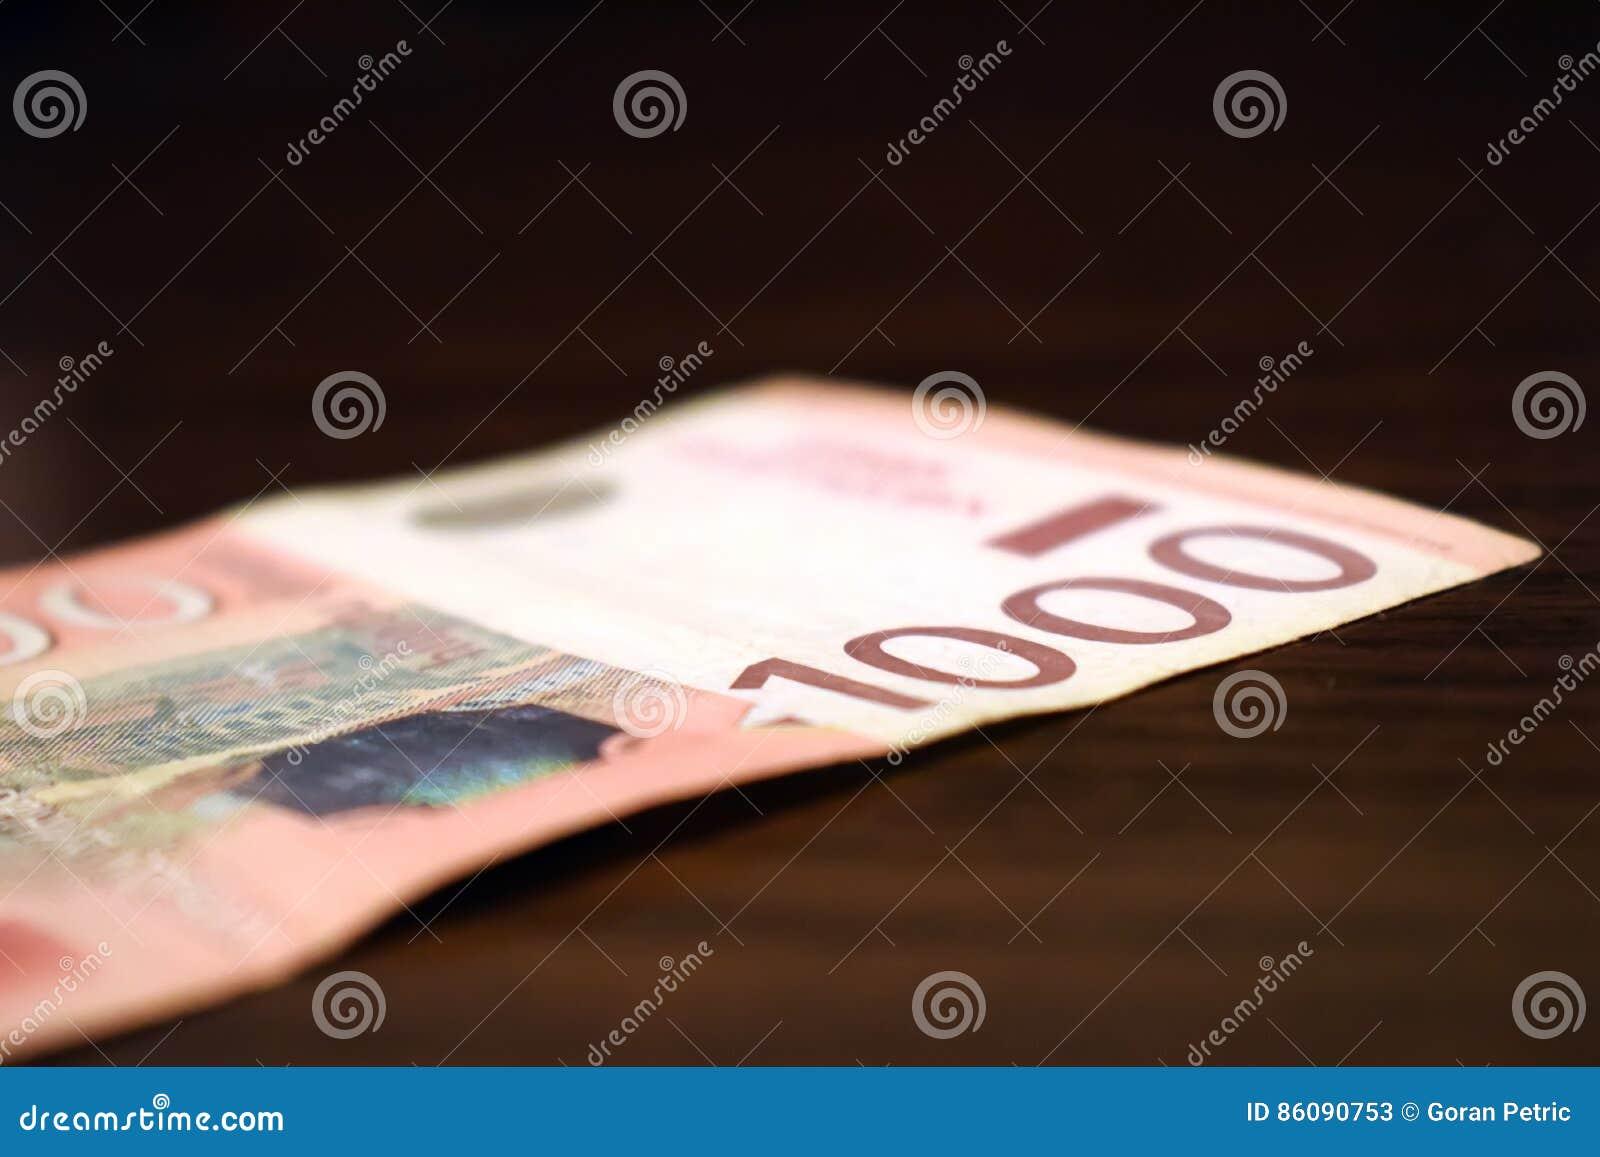 Dinheiro sérvio no papel, cédula 1000 dinares de valor